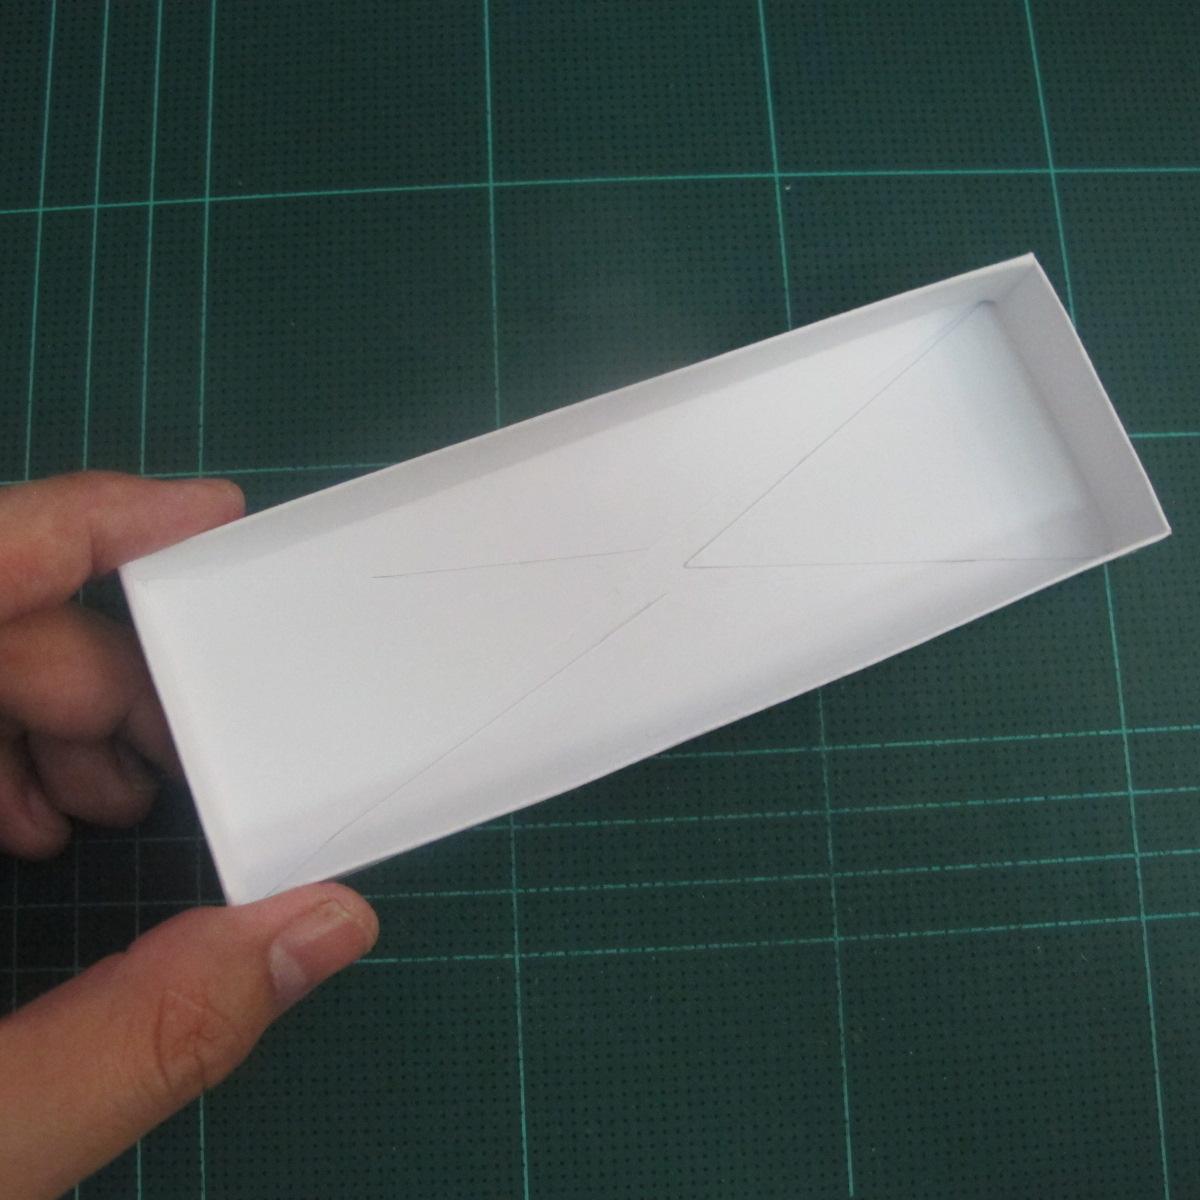 วิธีทำกล่องกระดาษสำหรับใส่ของเป็นลายดอกไม้ (Botanical paper box DIY printable template) 005